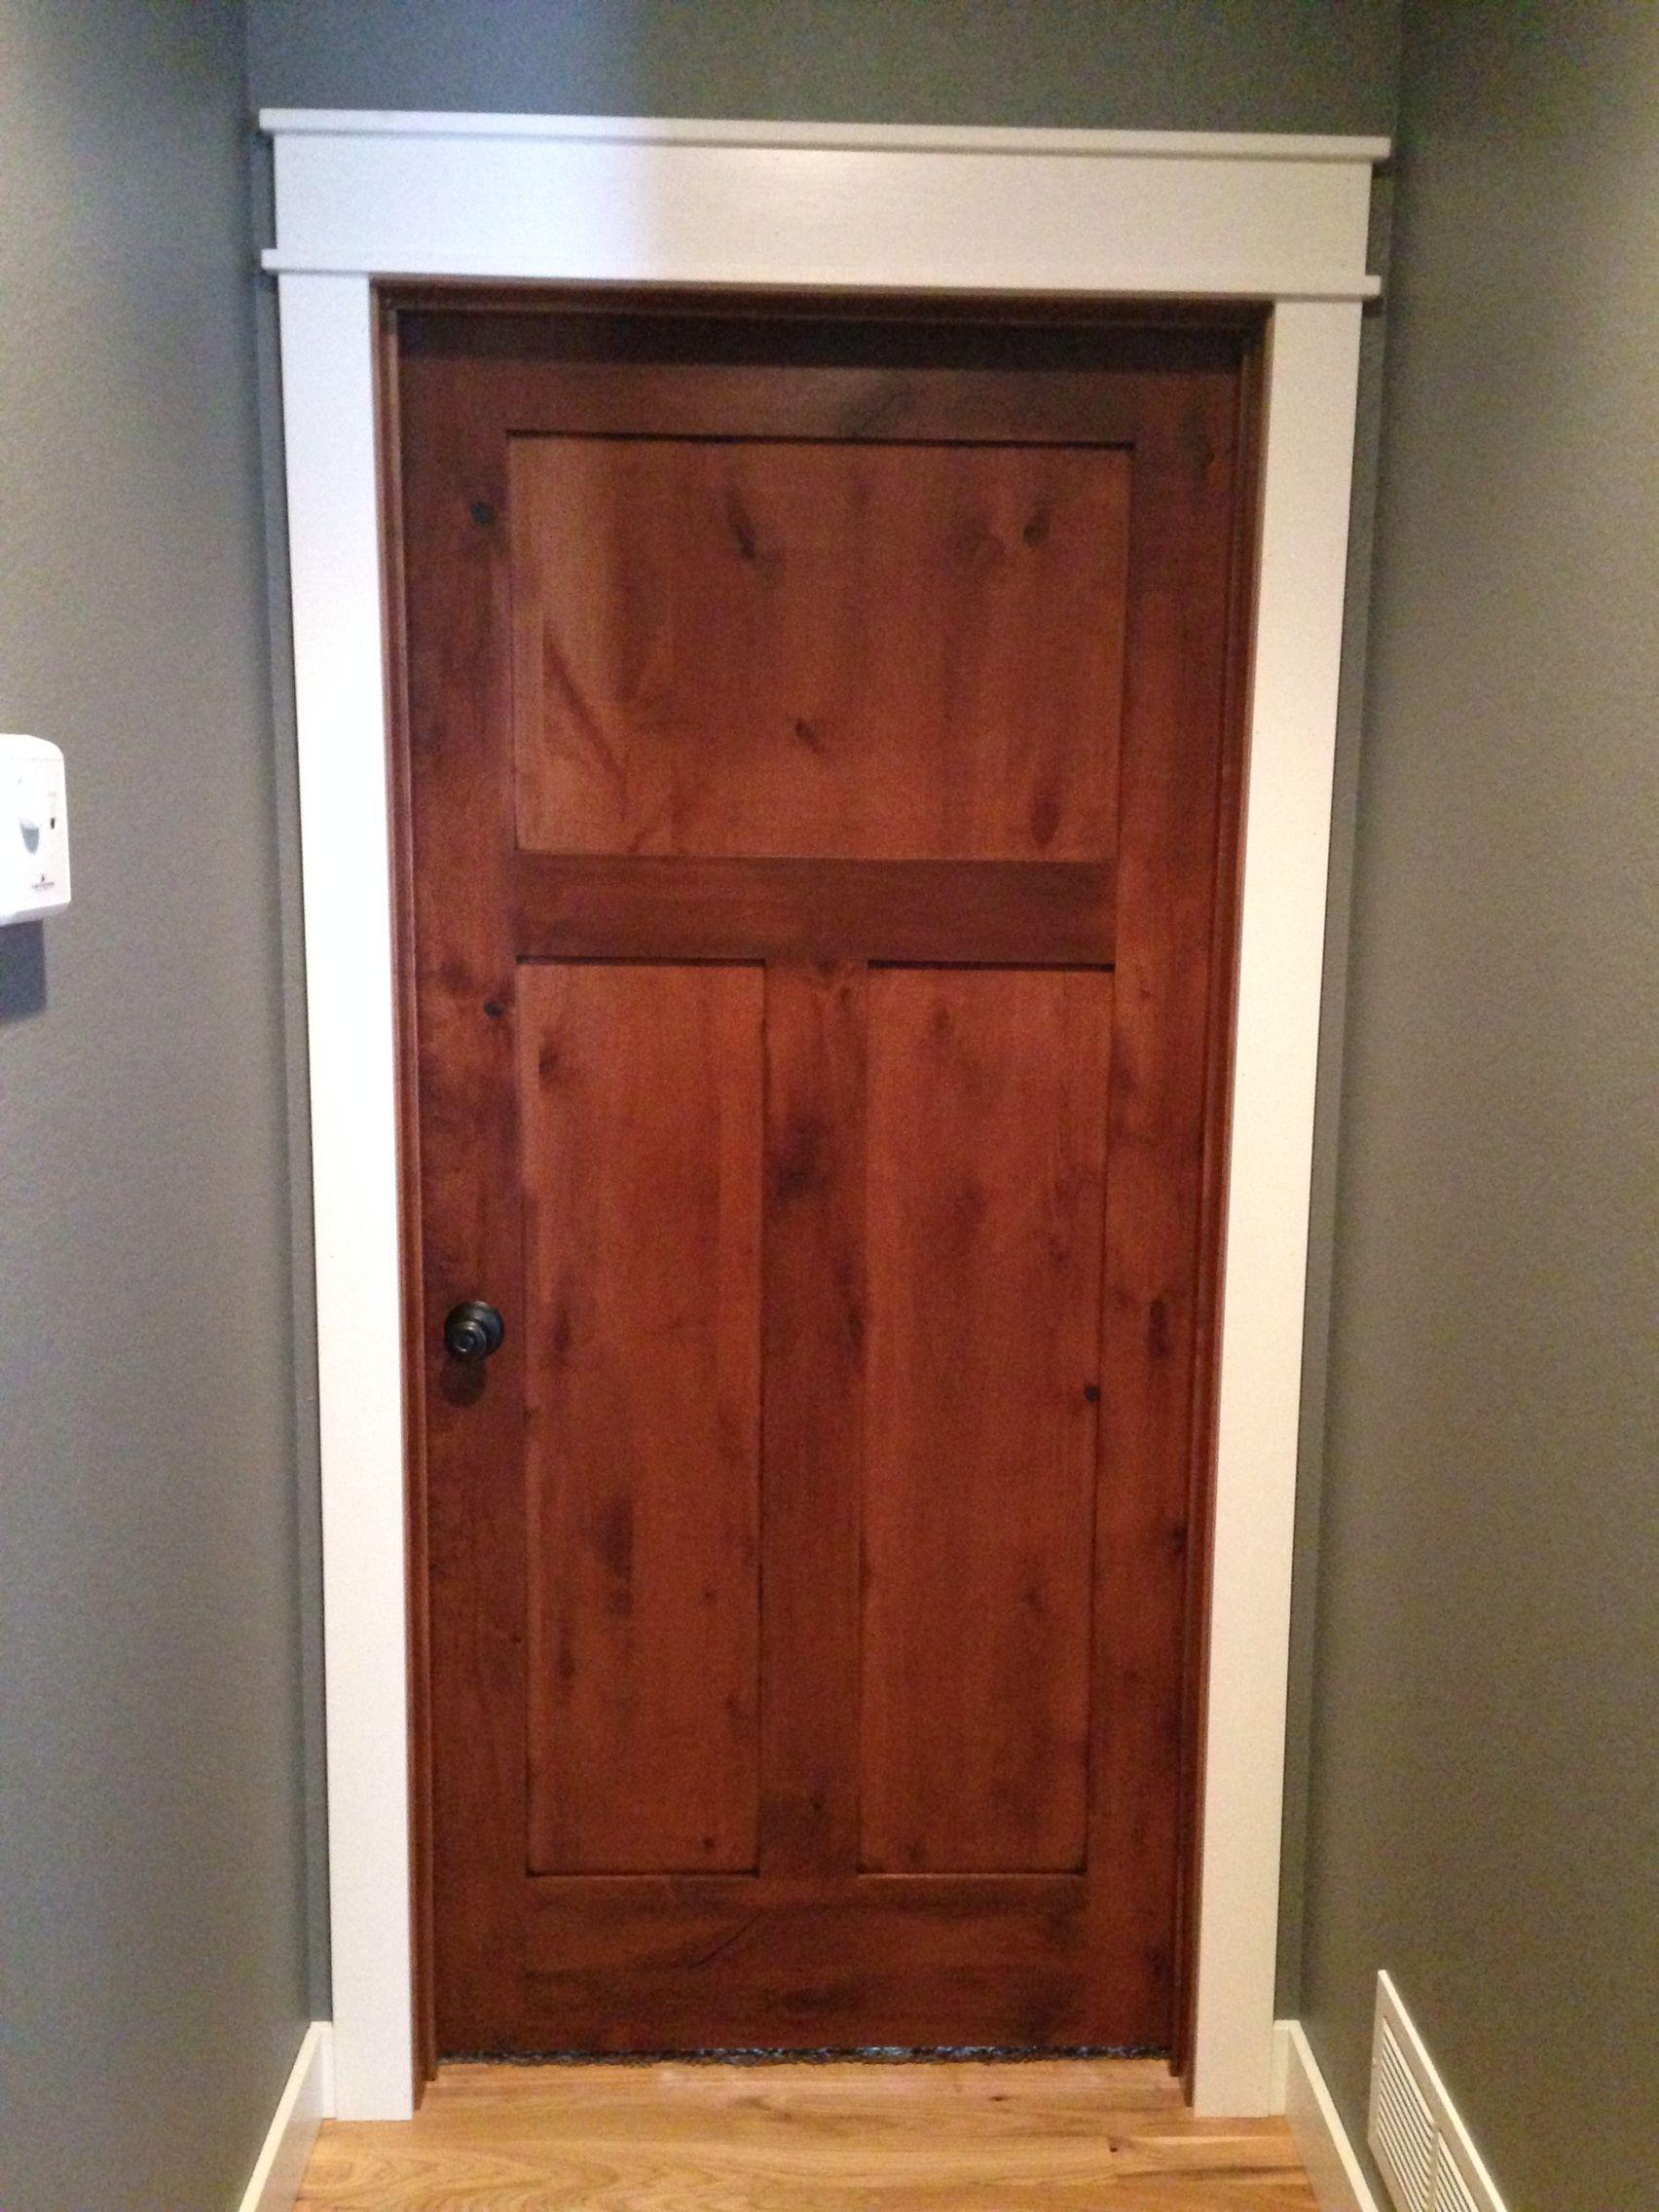 Interior Doors | Knotty Alder 2 panel arch top door is ... |Knotty Alder Door Trim